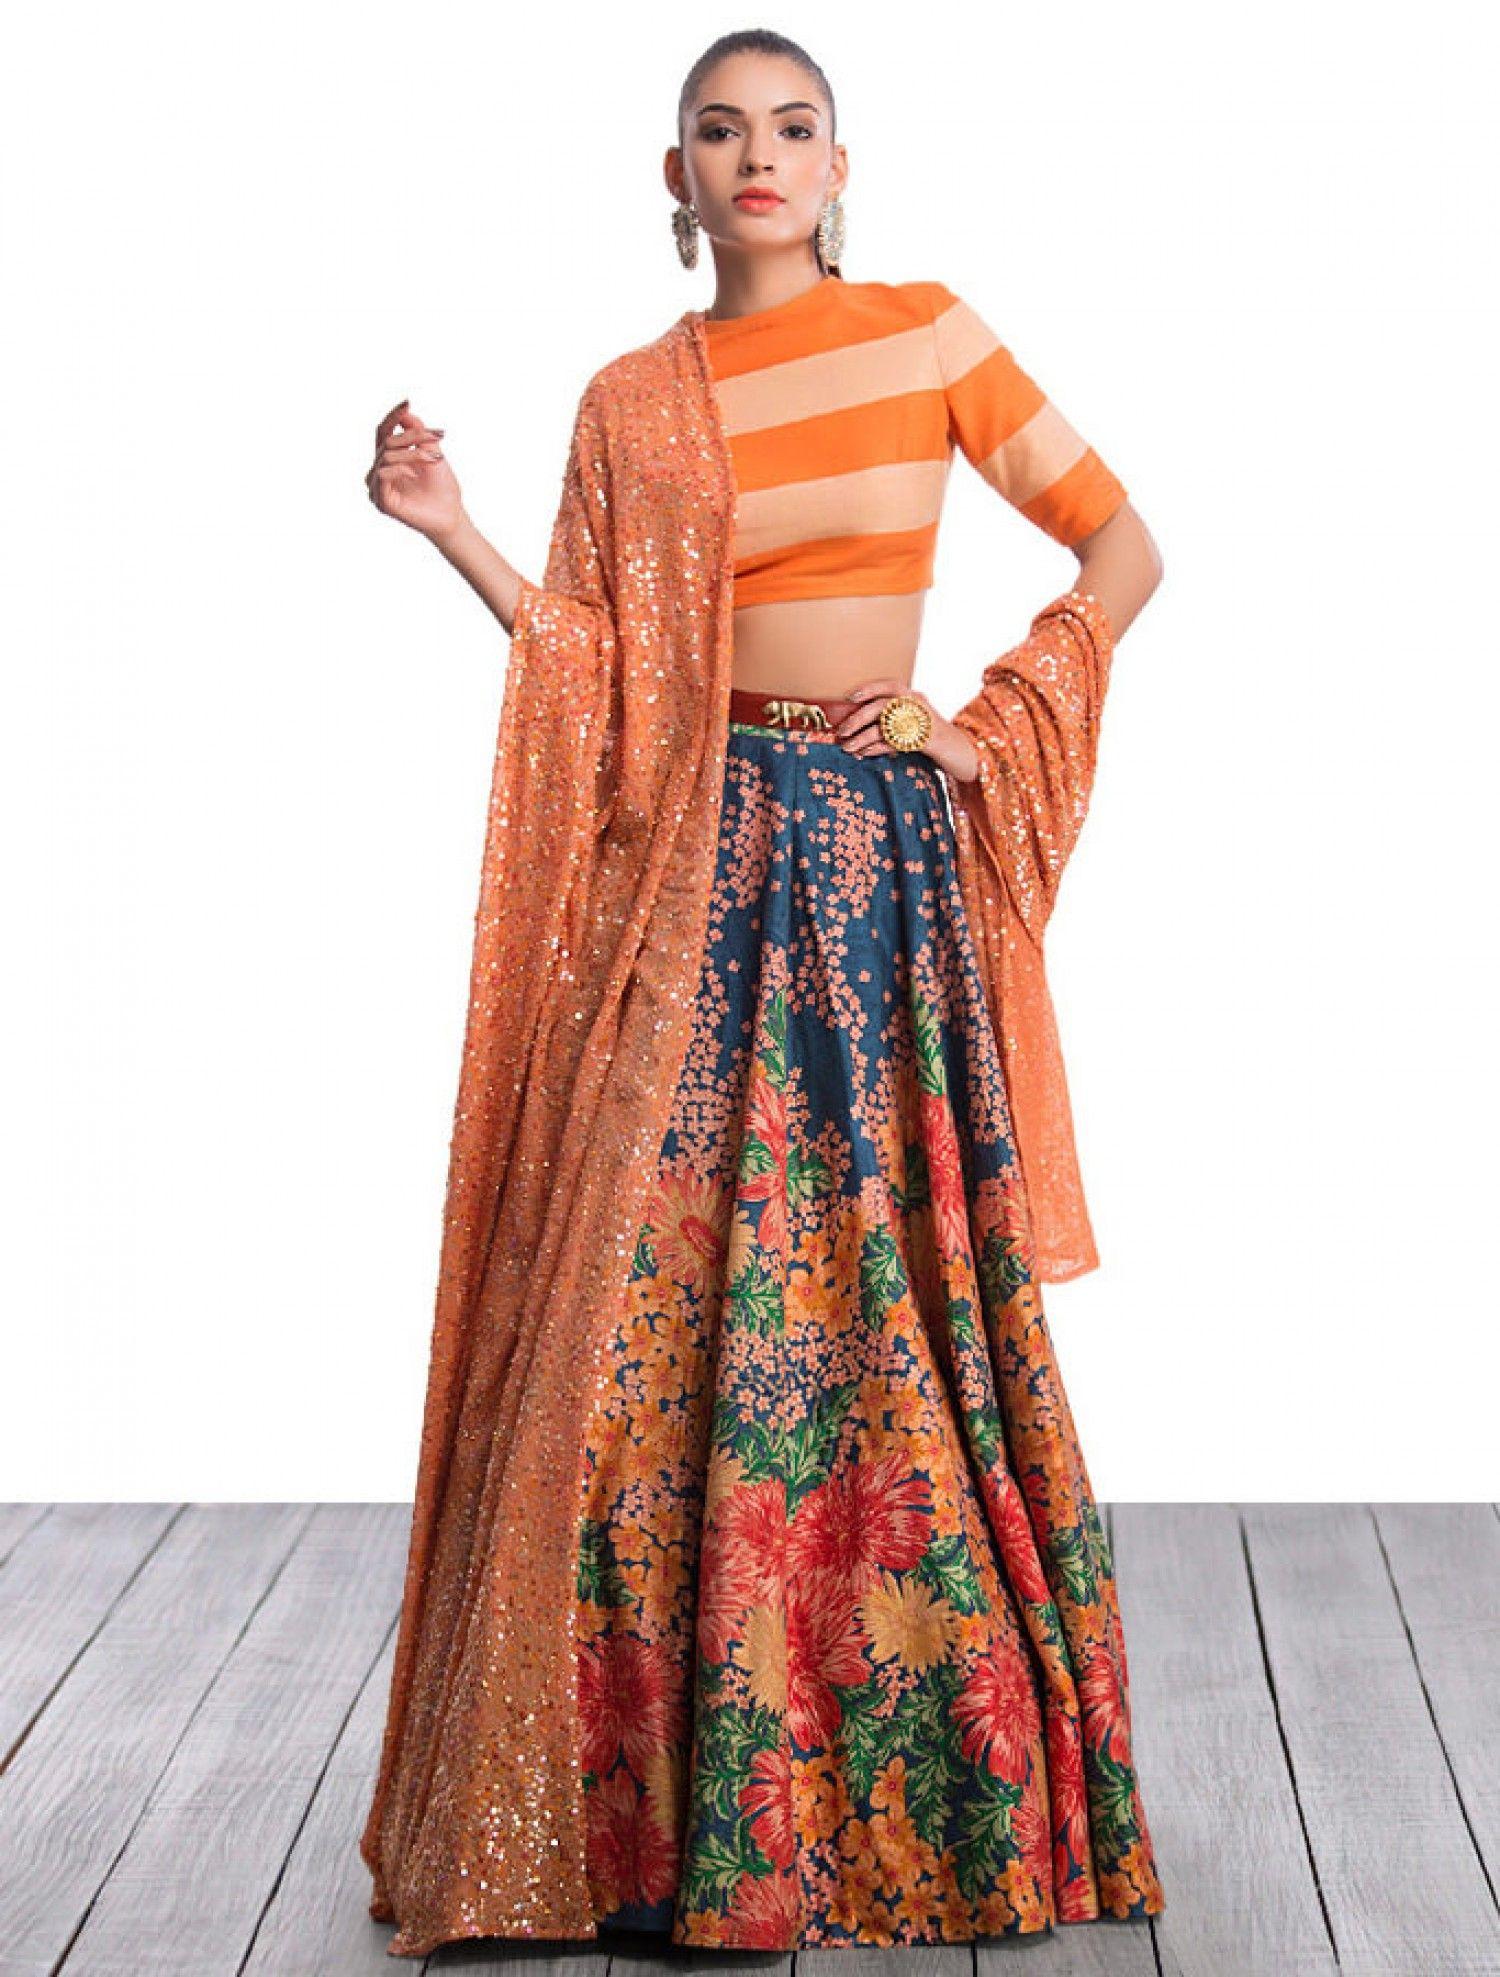 2e250fafdfc409 Sabyasachi Mukherjee - Look #38 Floral Printed Lehenga With Crop Top ...